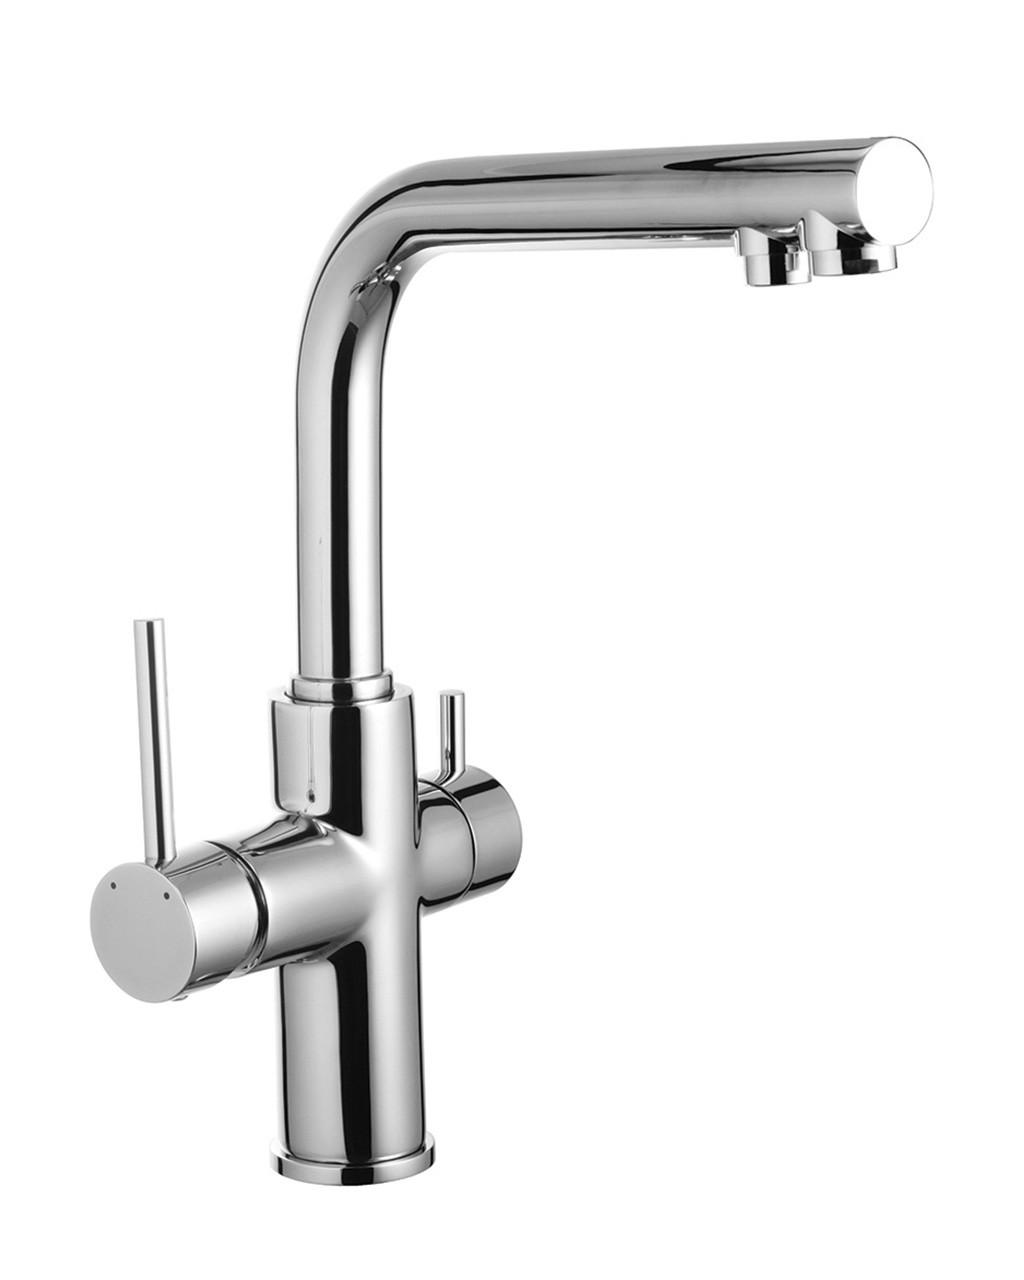 Змішувач для кухні Imprese Daicy 55009-F, хром (з підключенням питної води)